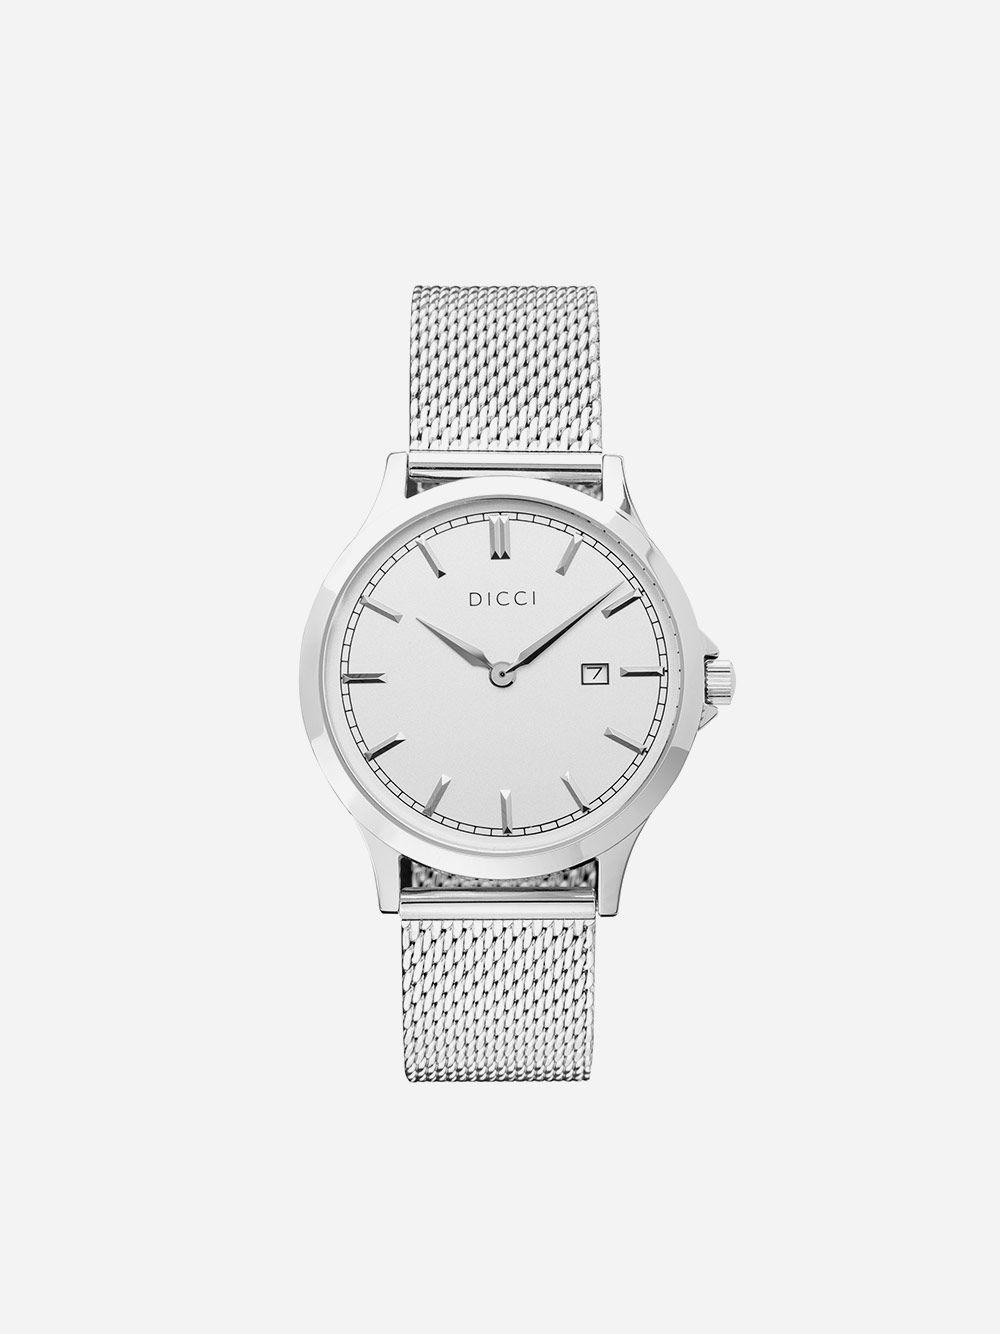 Silver Watch Positano Mesh White   Dicci